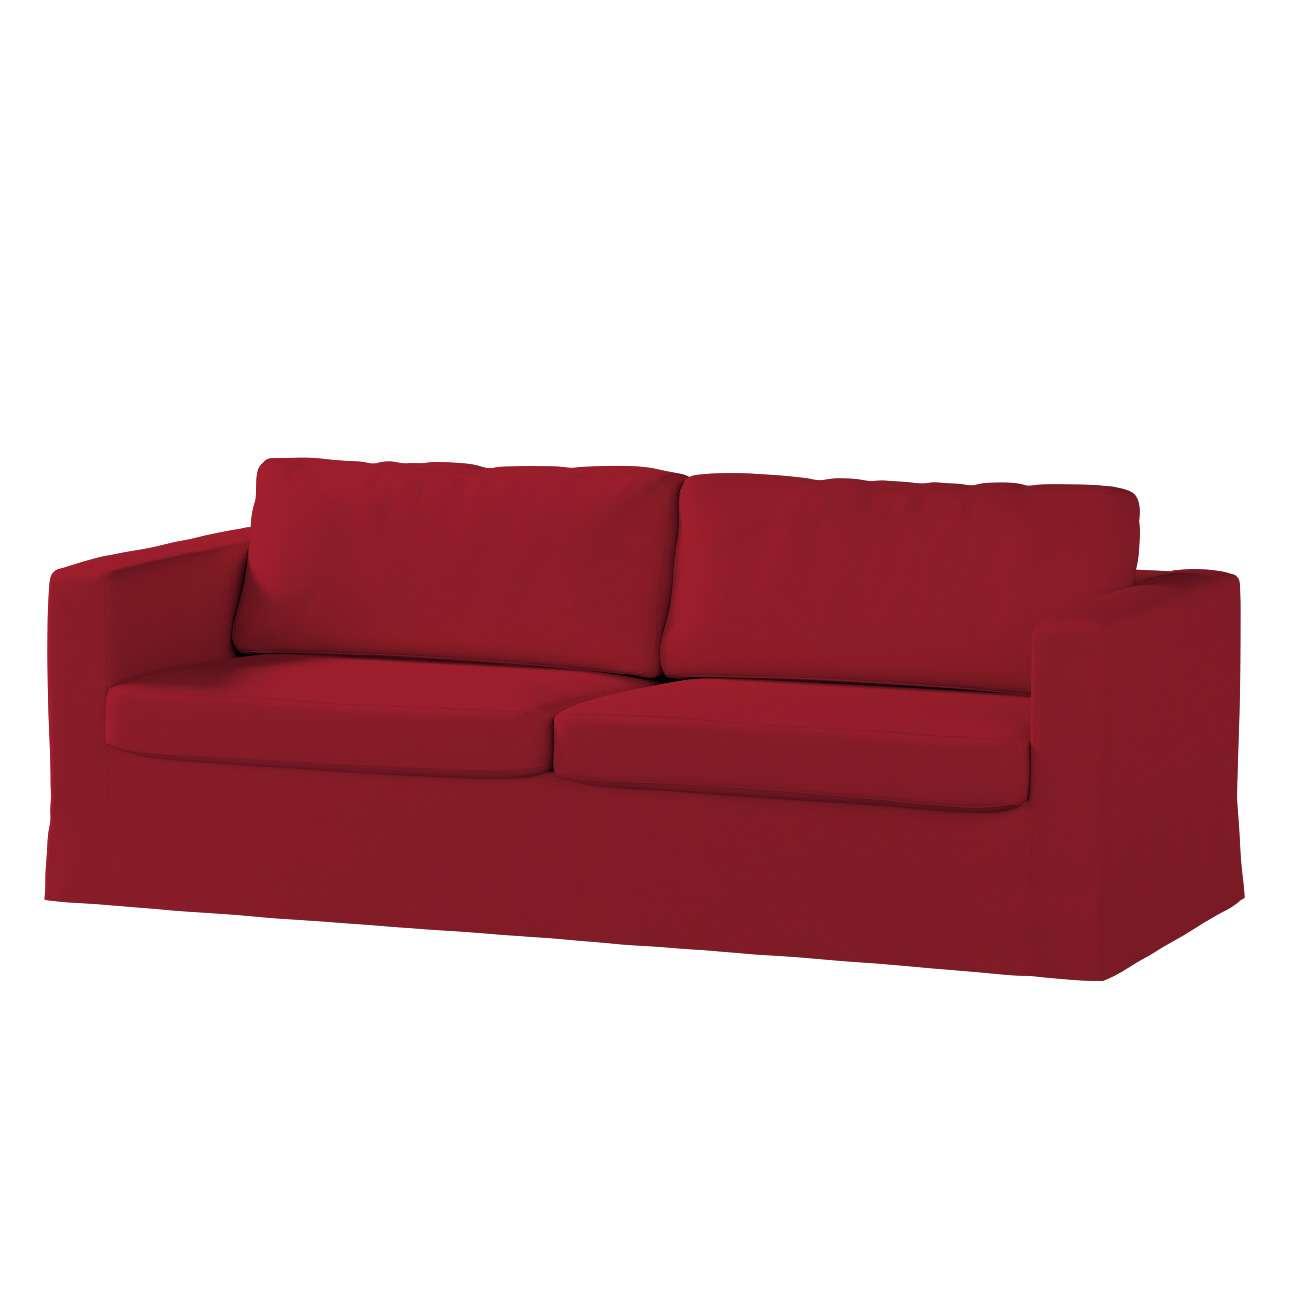 Poťah na sedačku Karlstad (nerozkladá sa, pre 3 osoby, dlhá) Poťah na sedačku Karlstad - pre 3 osoby, nerozkladá sa, dlhá V kolekcii Chenille, tkanina: 702-24